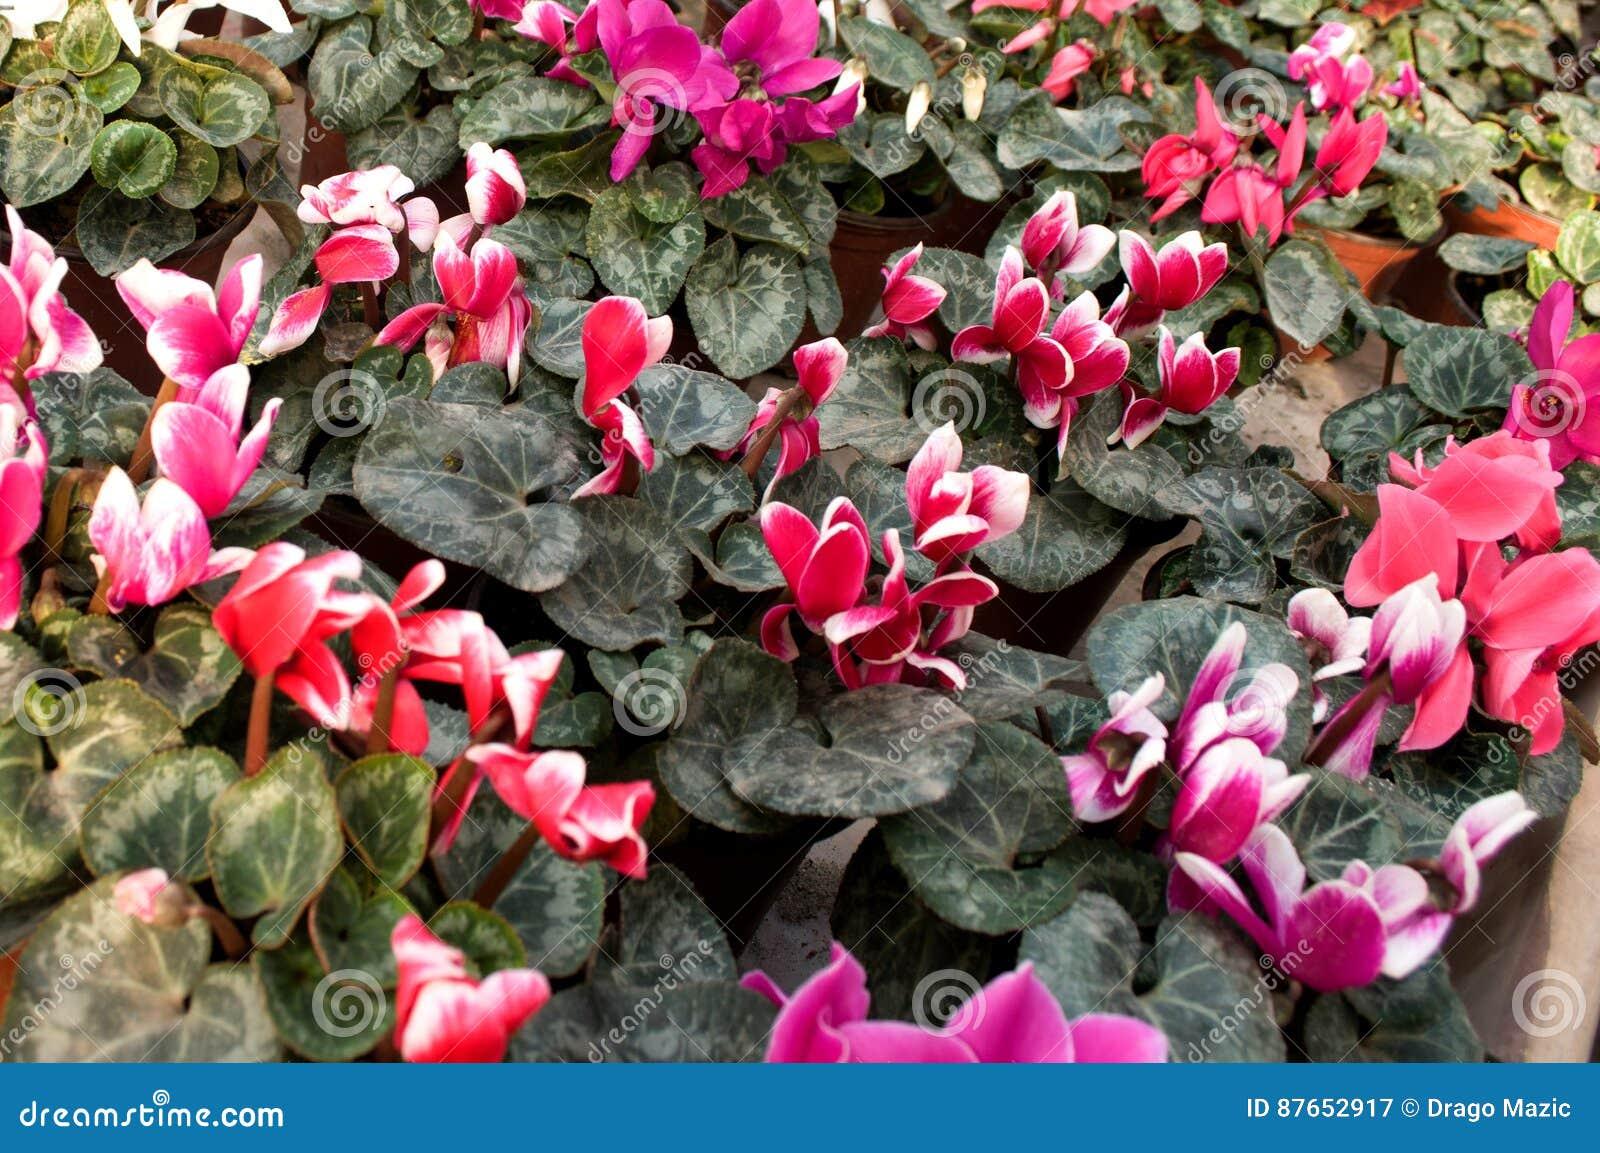 Beeindruckend Welche Blumen Blühen Im März Beste Wahl Pattern Rosa Blühen Februar, Bereit Zum Frauen